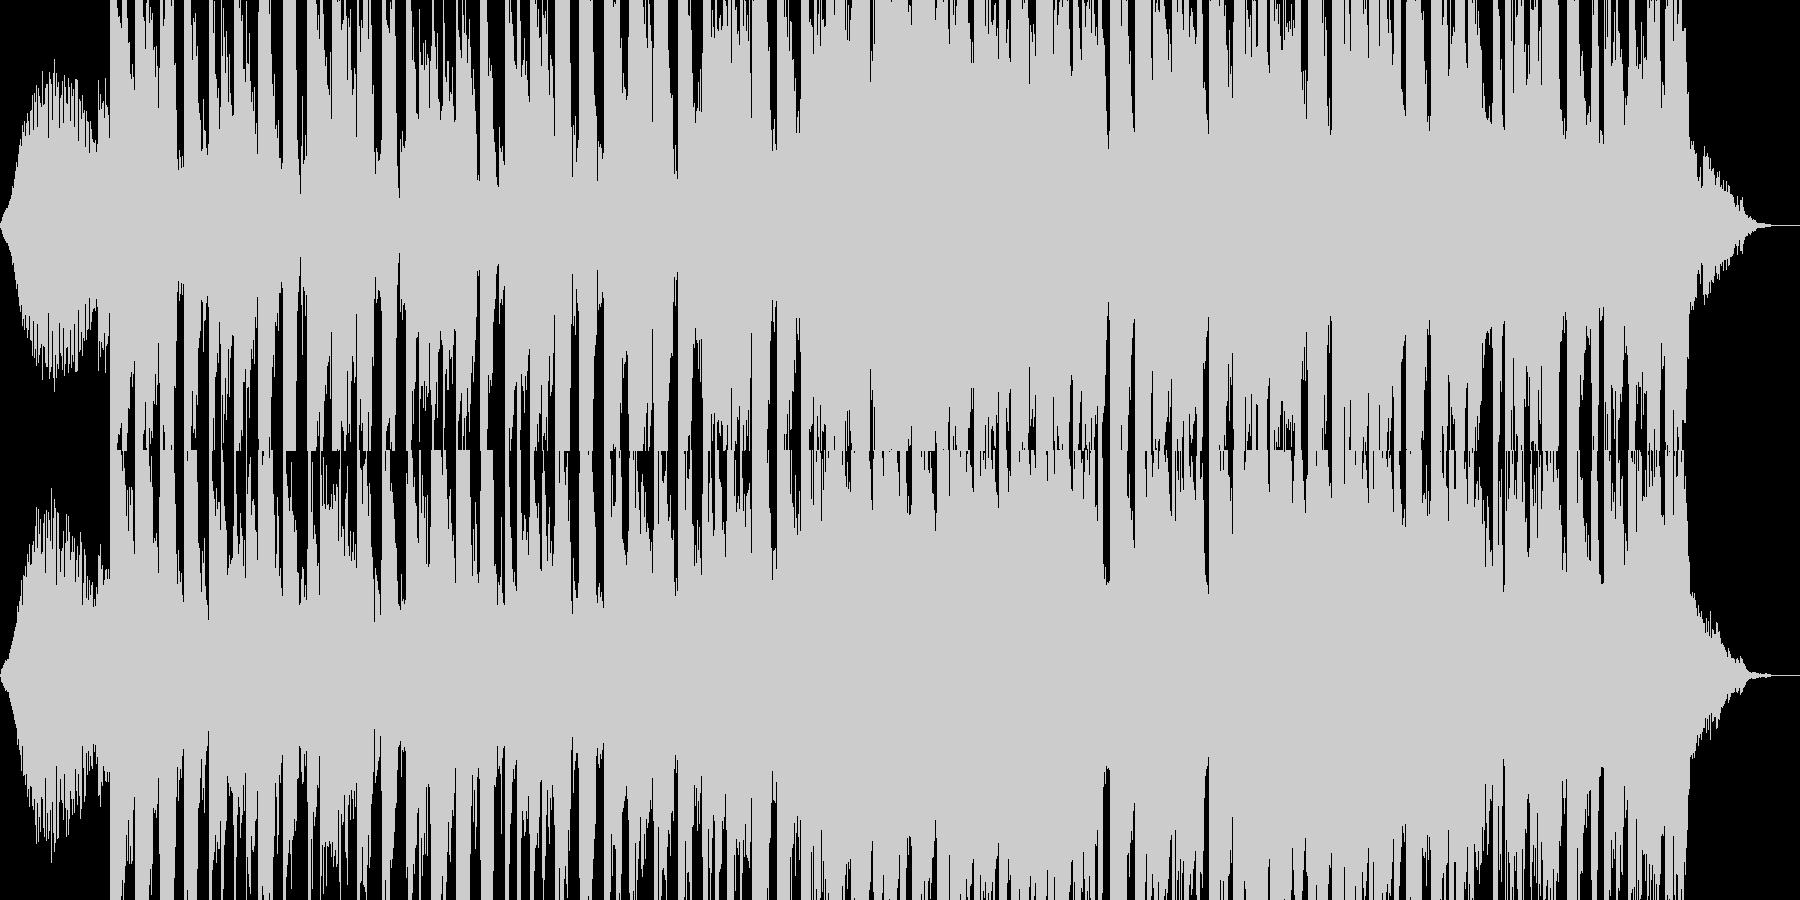 爽やか・始まり・ジングル・ピコピコの未再生の波形